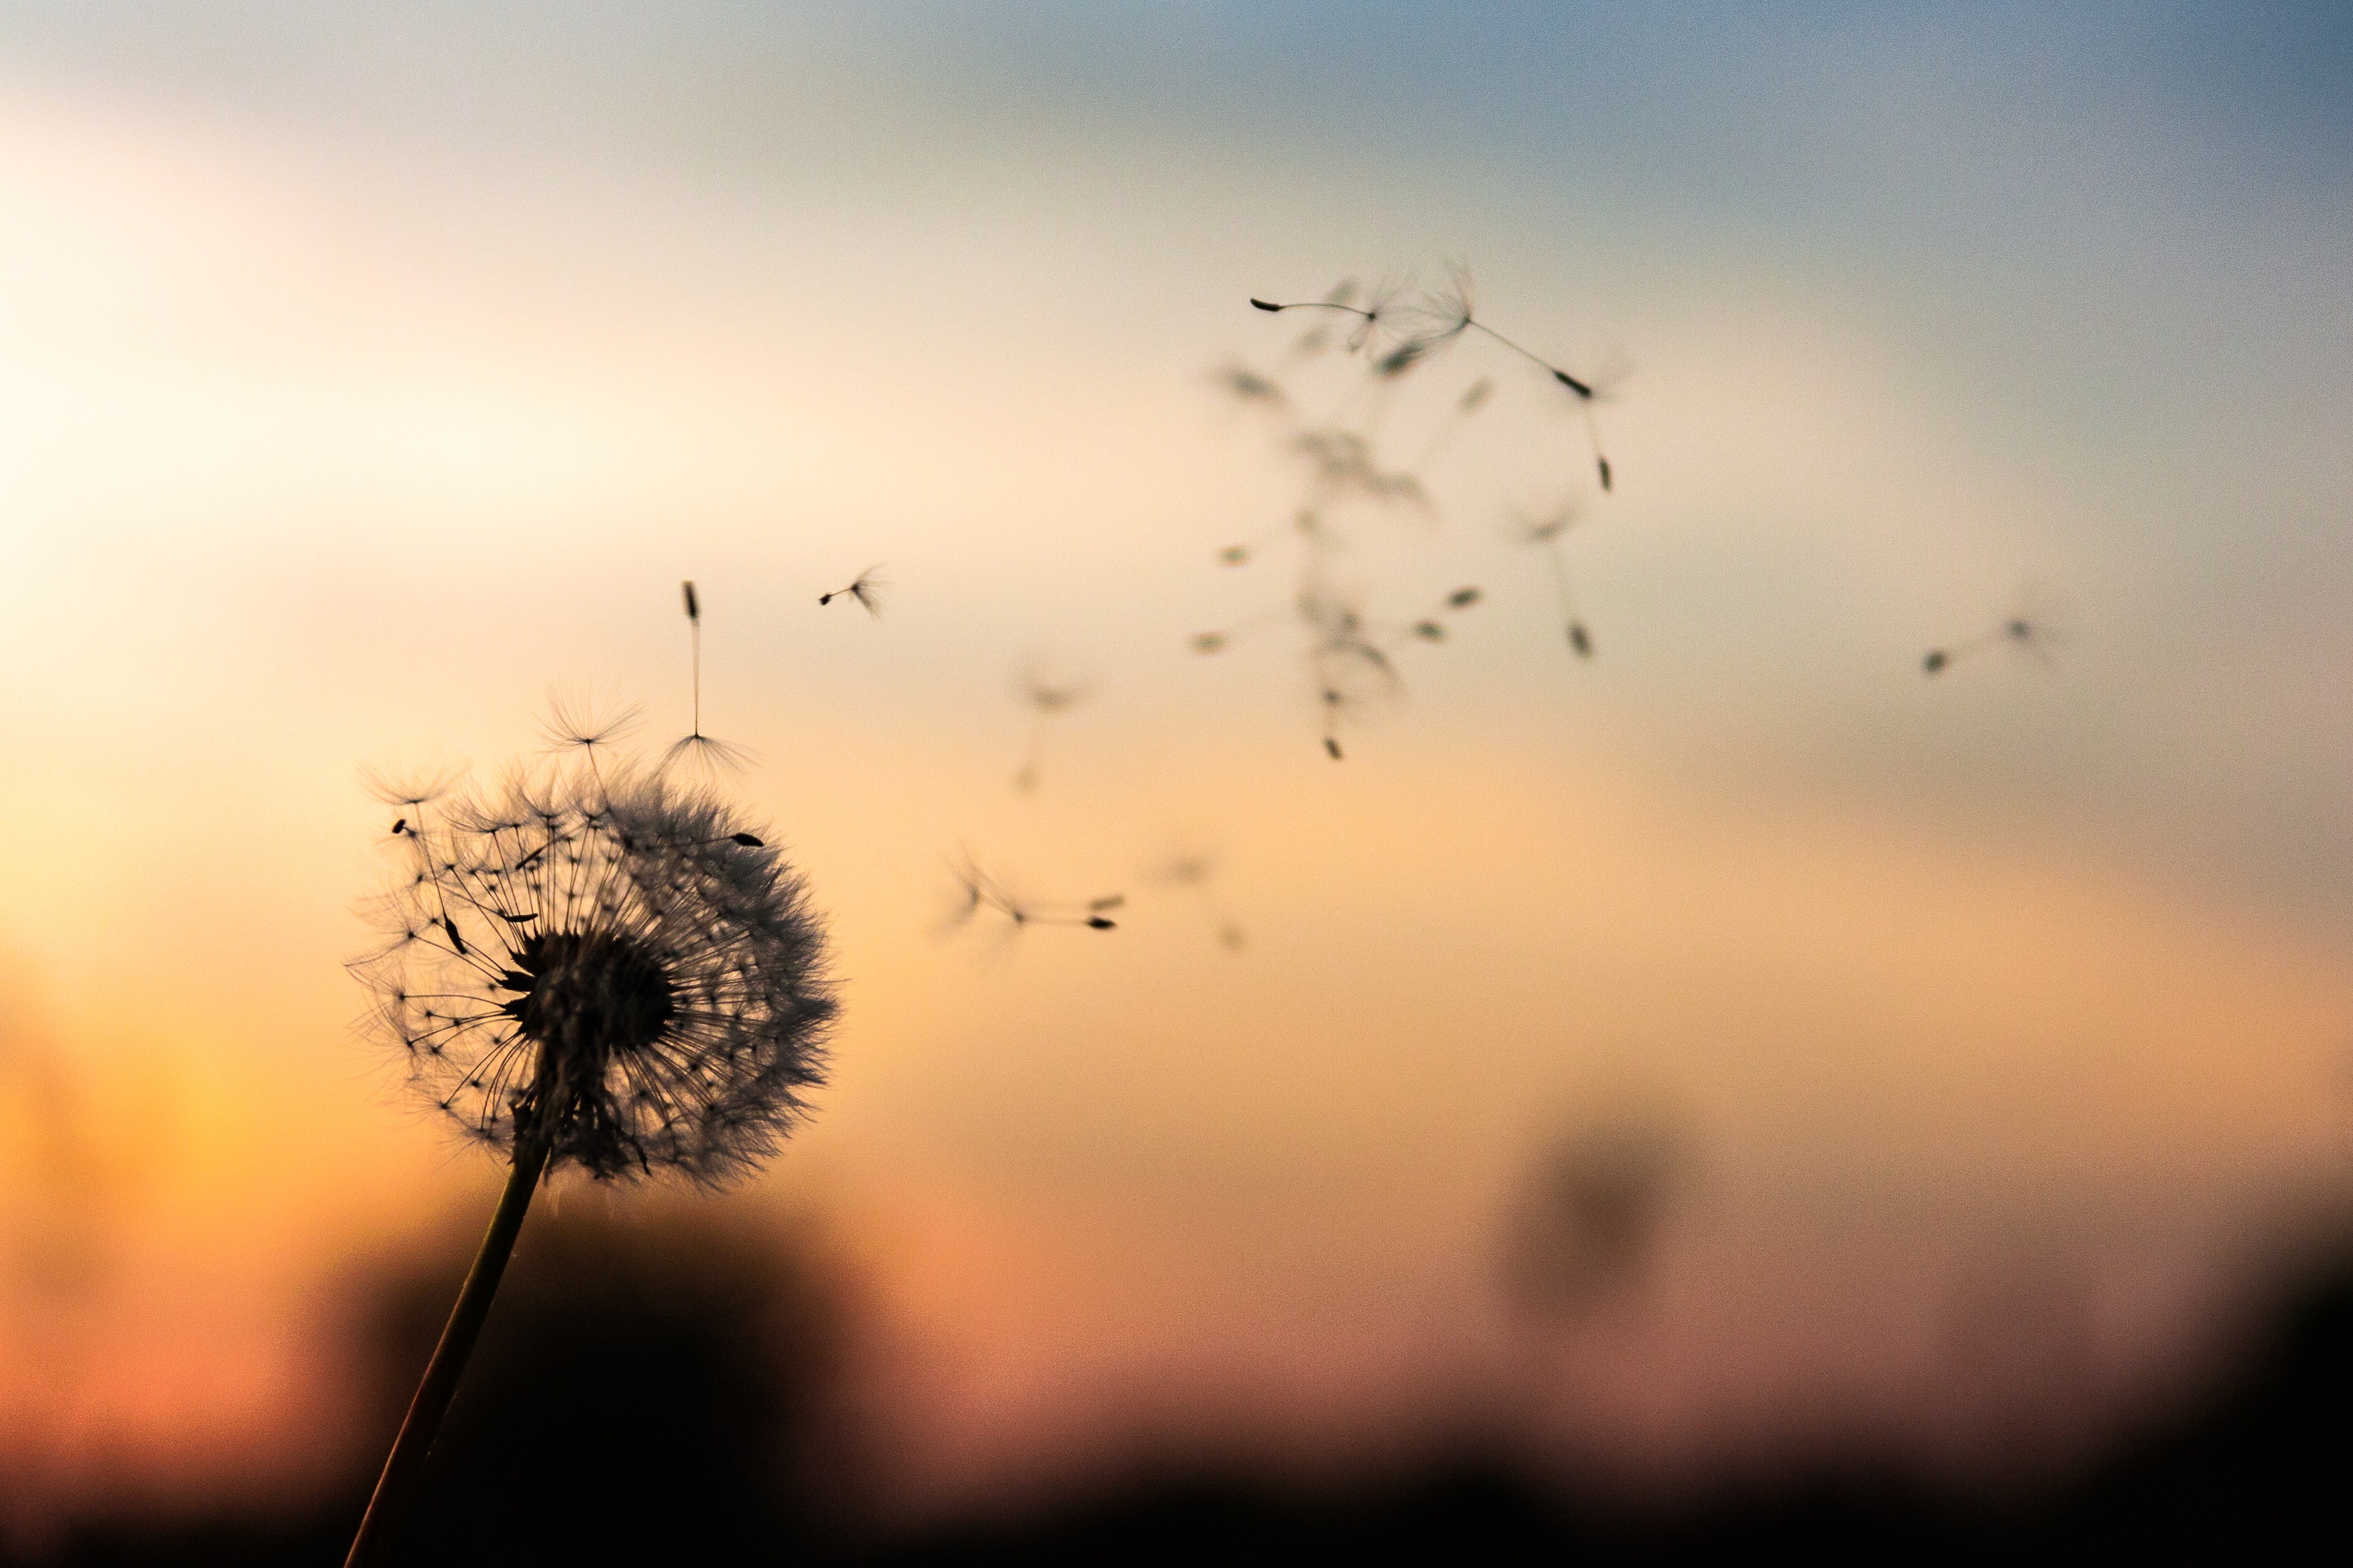 Image of dandelion seeds blowing in wind